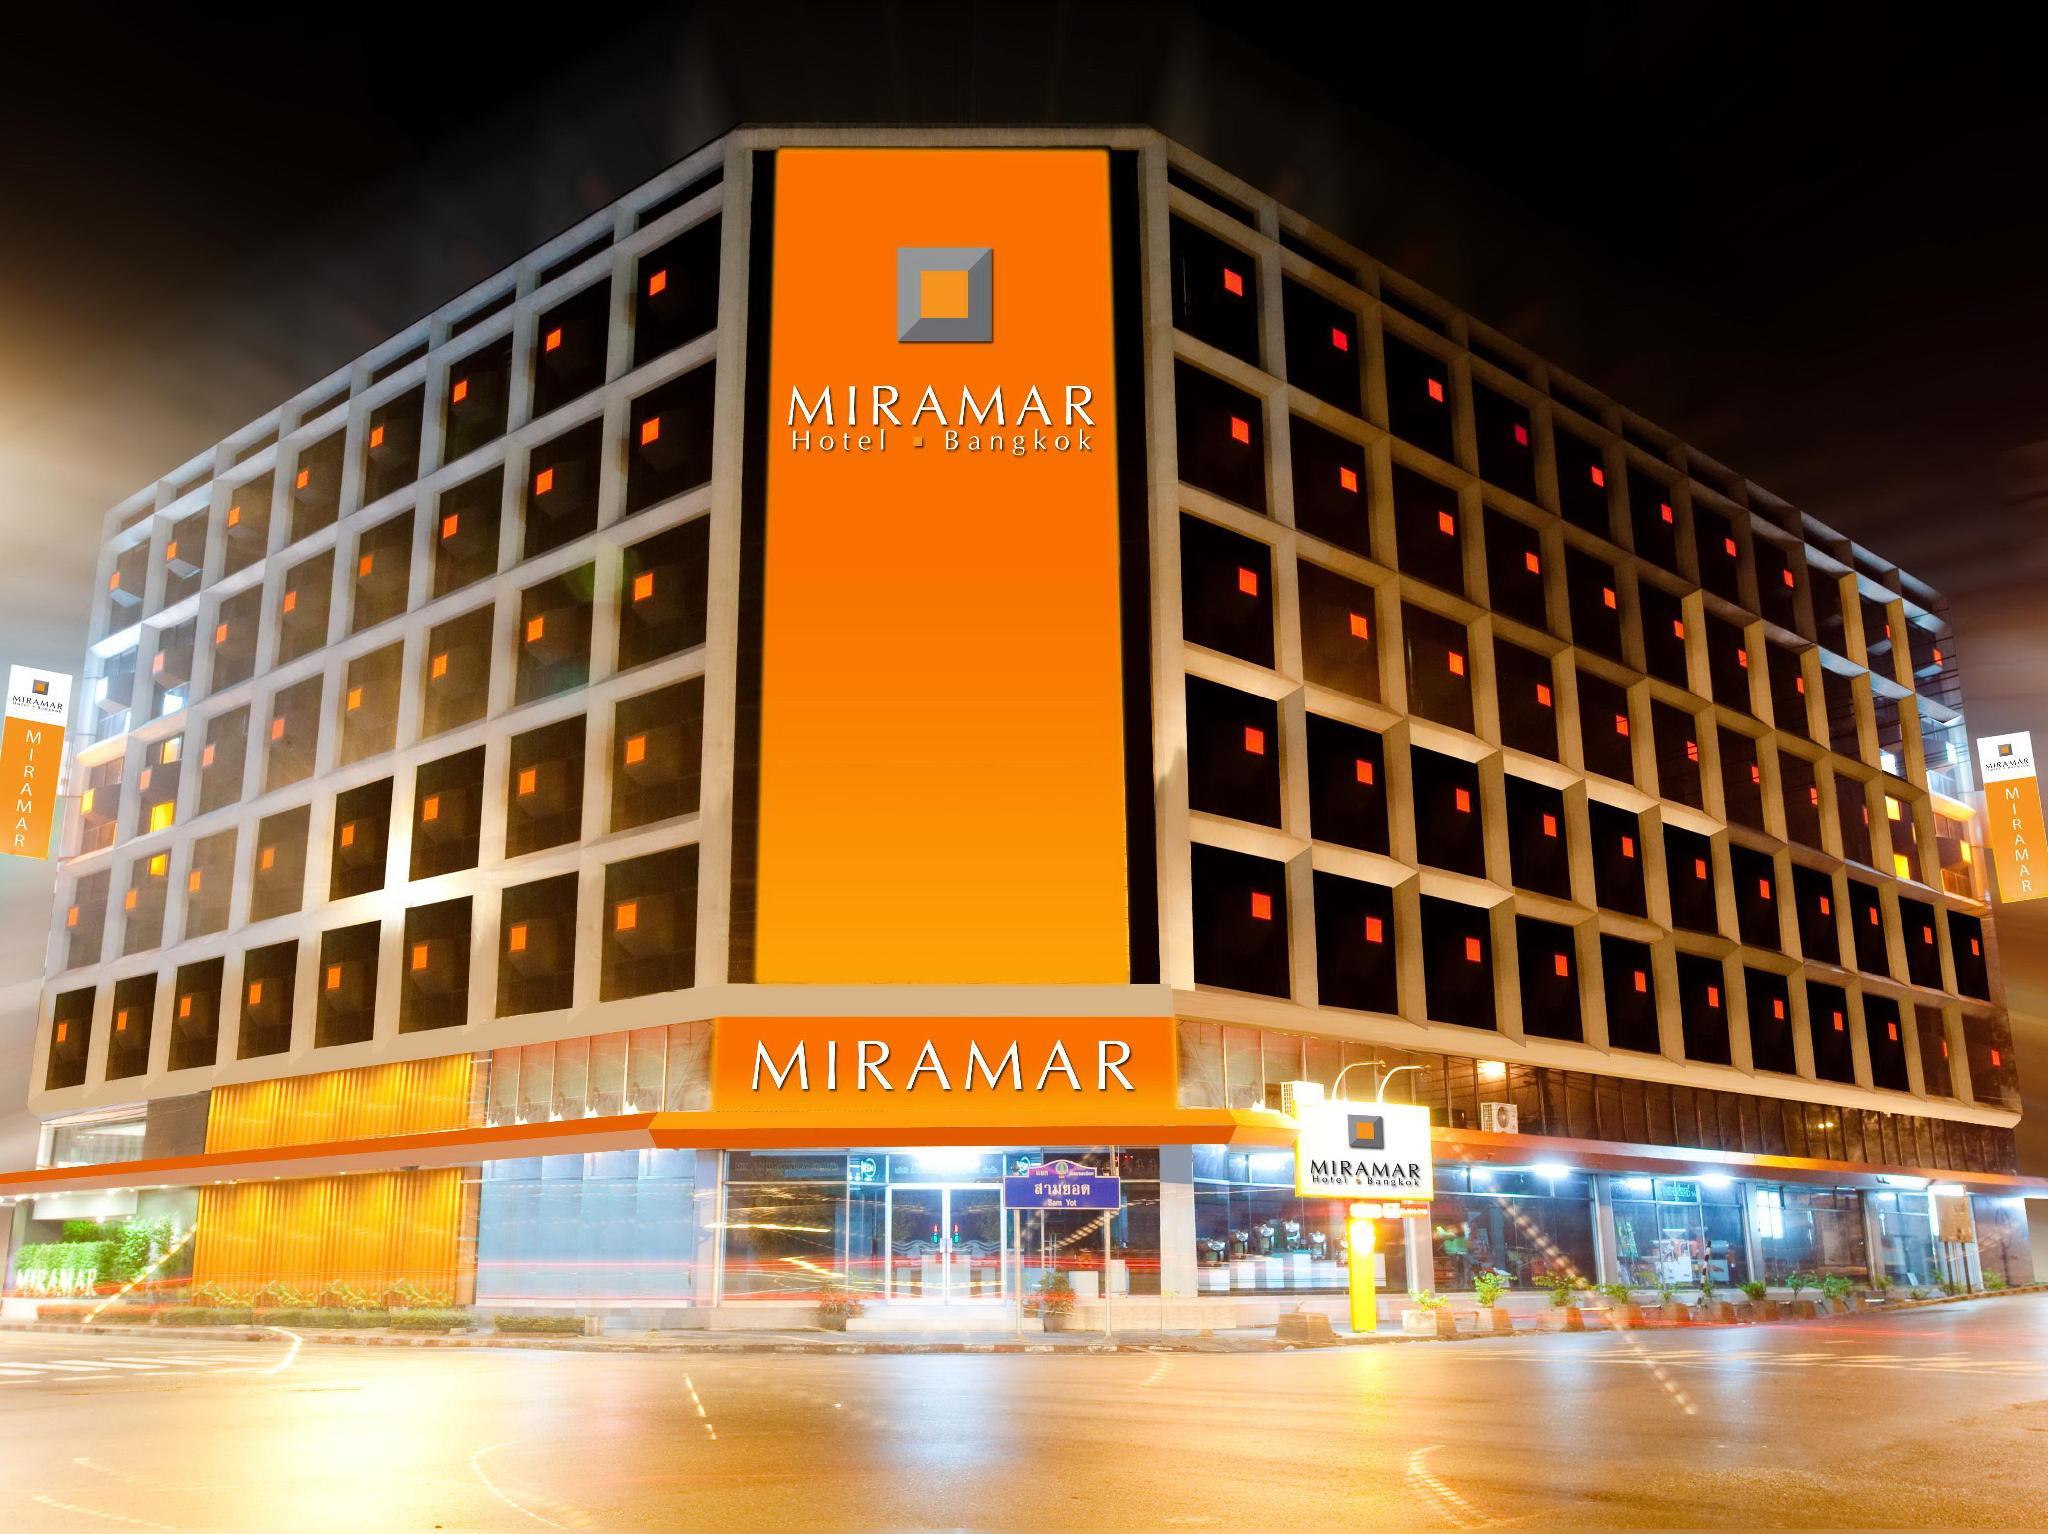 曼谷曼谷美麗華酒店 (Miramar Bangkok Hotel) - Agoda 提供行程前一刻網上即時優惠價格訂房服務